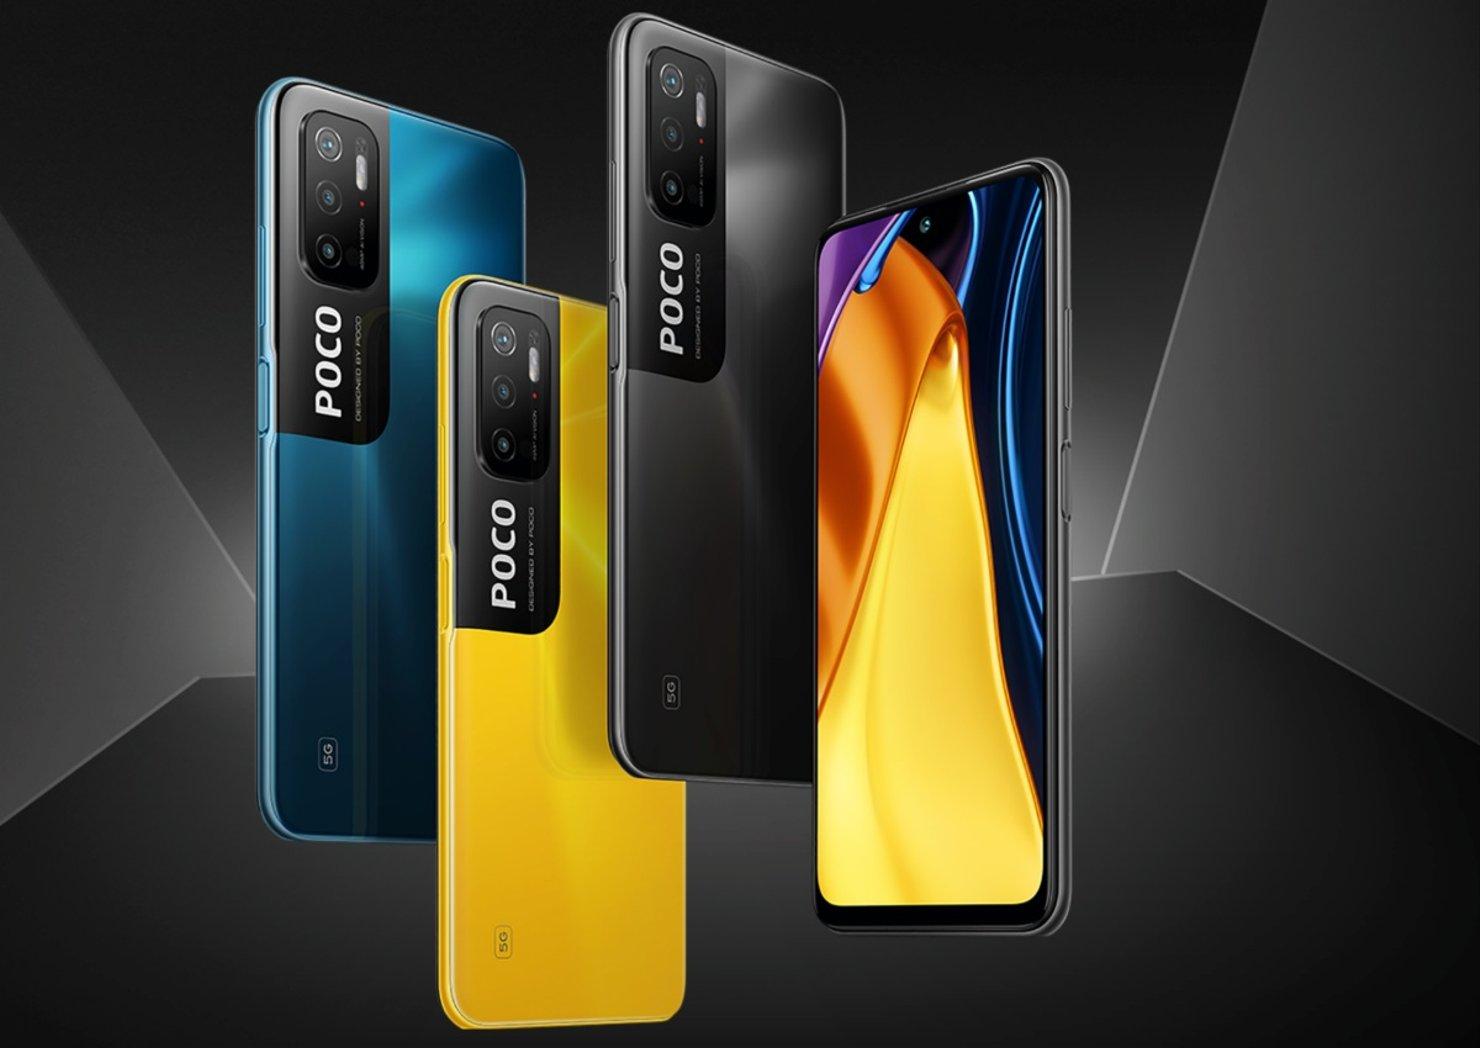 Ponsel Xiaomi Dengan Kualitas Terbaik Untuk Menunjang Rutinitas